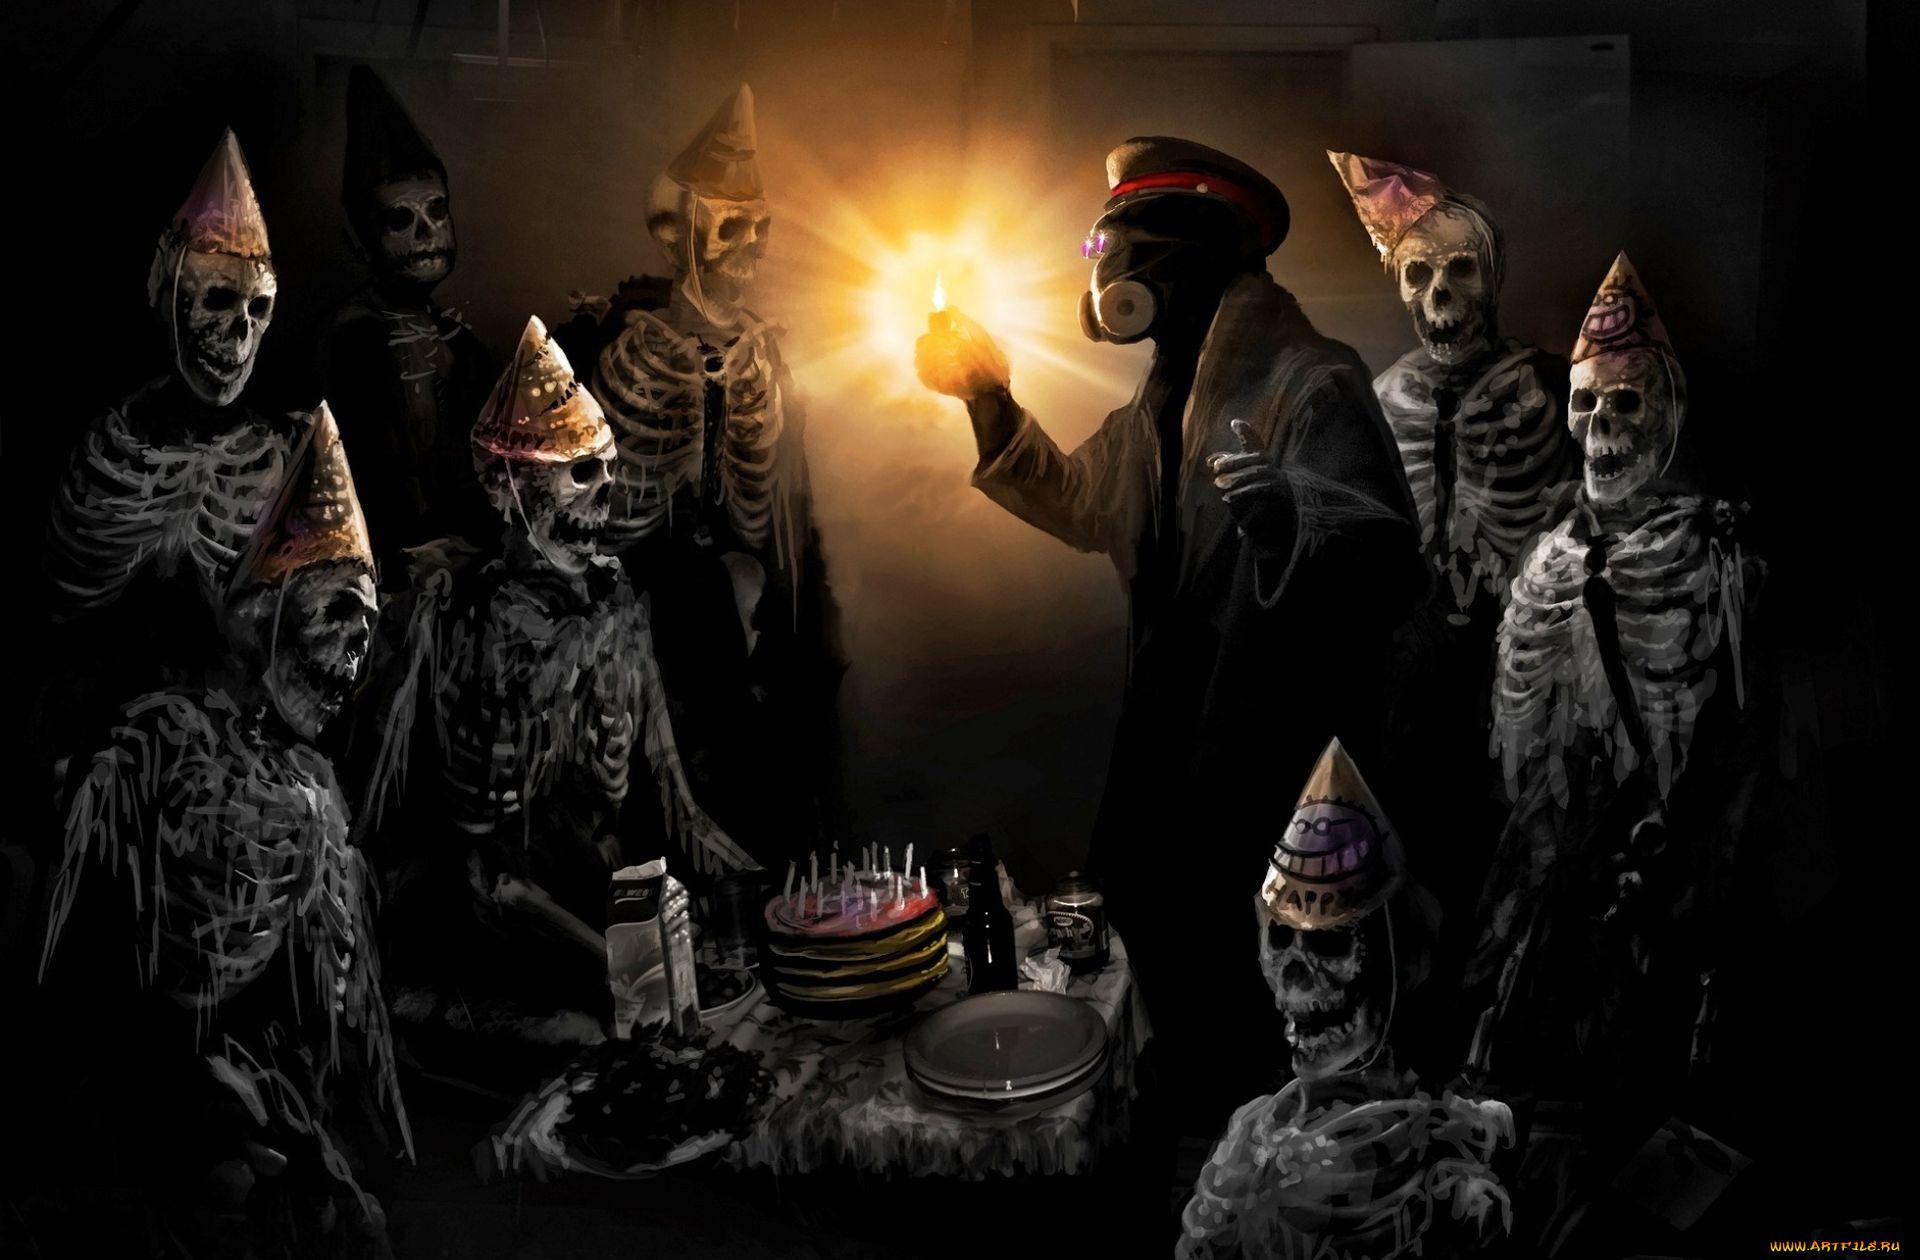 Страшные картинки на день рождения, автомата томпсона днем